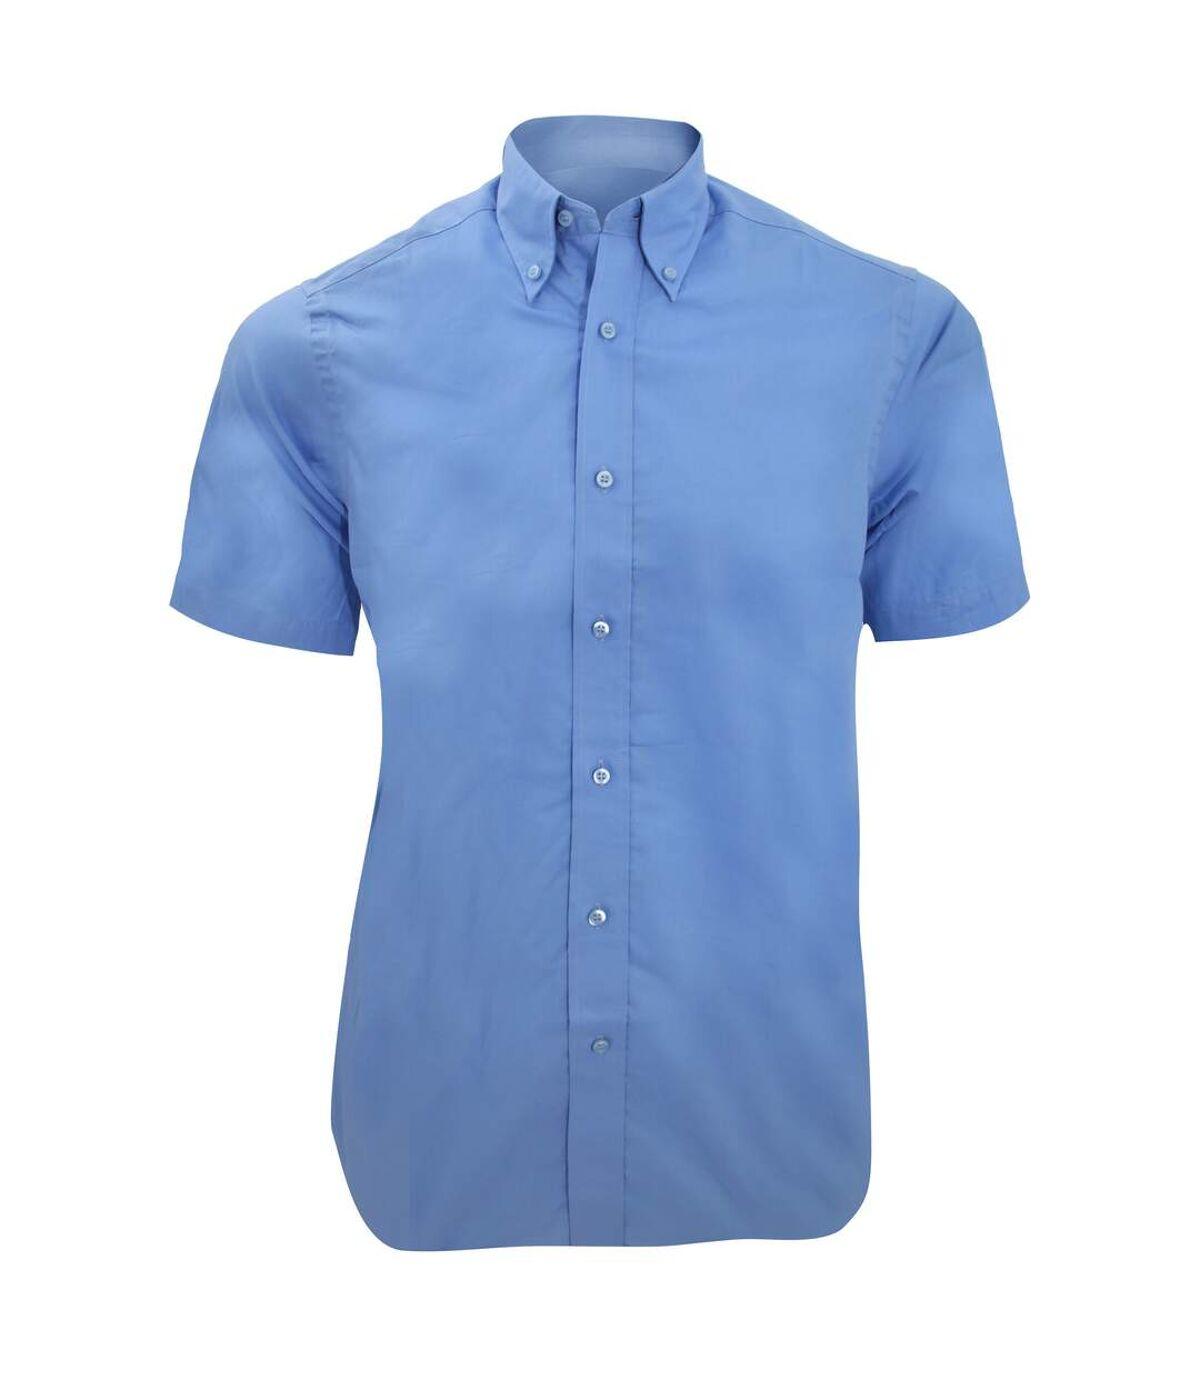 Kustom Kit Mens City Short Sleeve Business Shirt (Light Blue) - UTBC1448